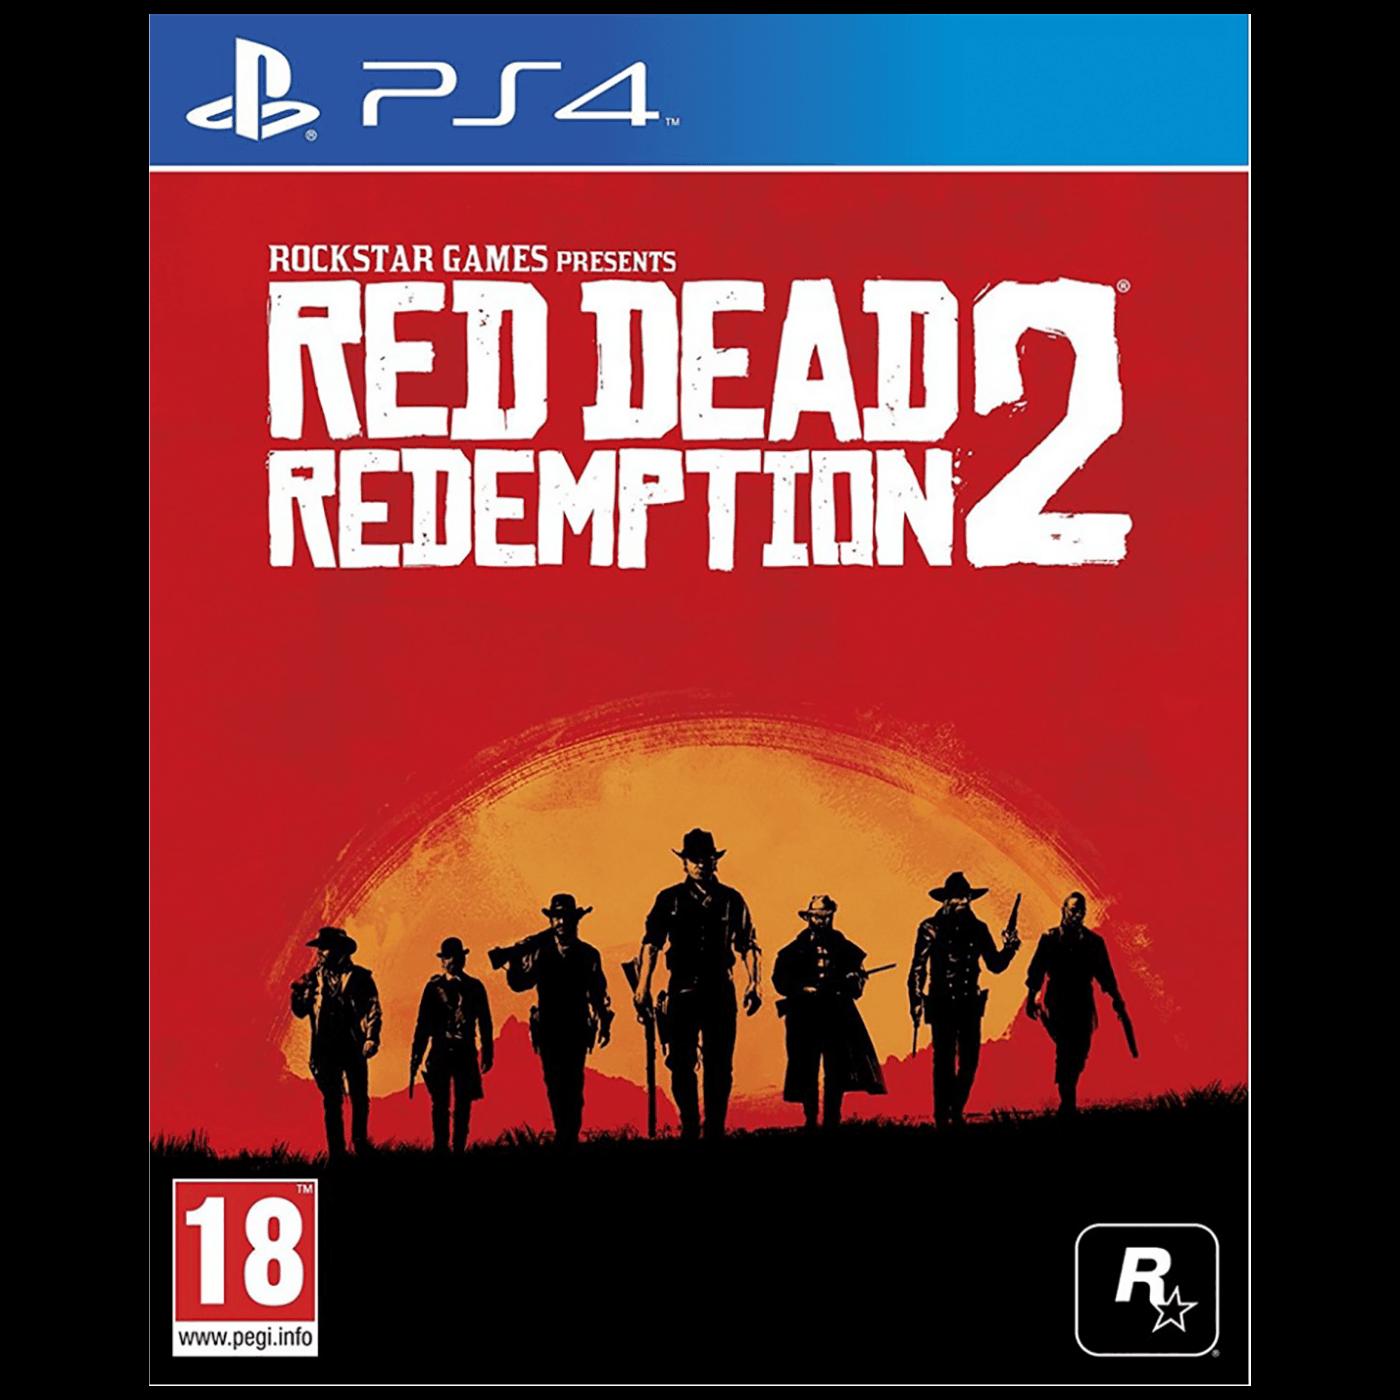 REDDEAD2 PS4